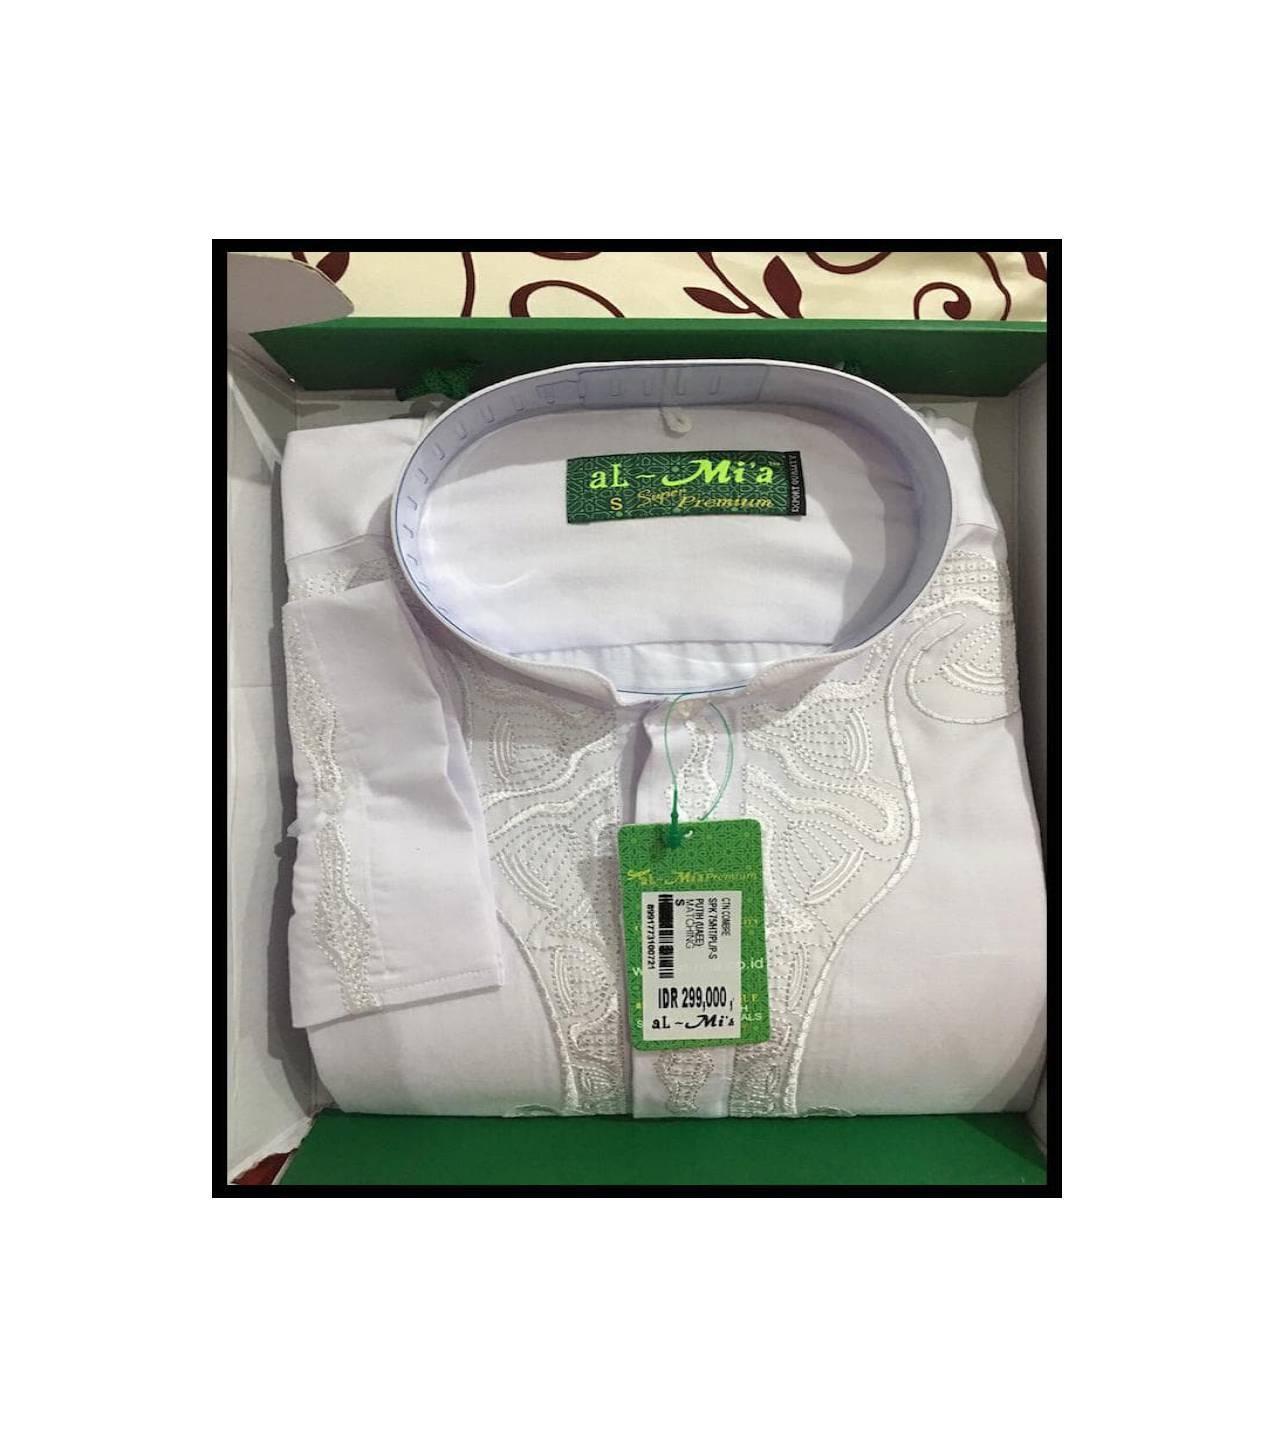 Baju Koko Al-Mia Super Premium Corak Putih Lengan Panjang Ukuran L 01